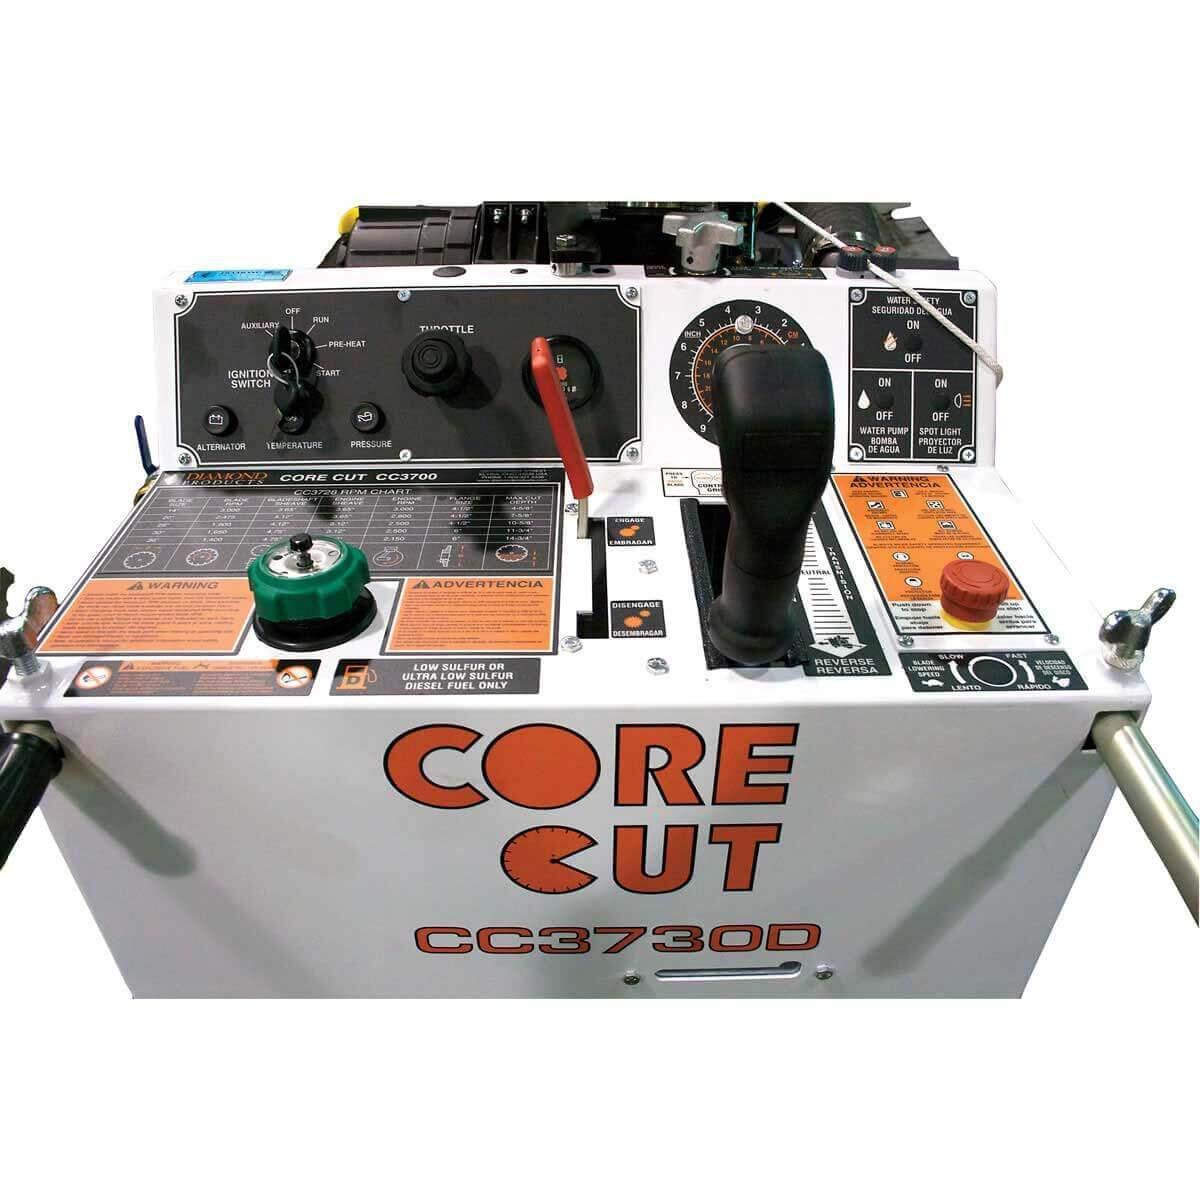 CoreCut CC3700 concrete saw console